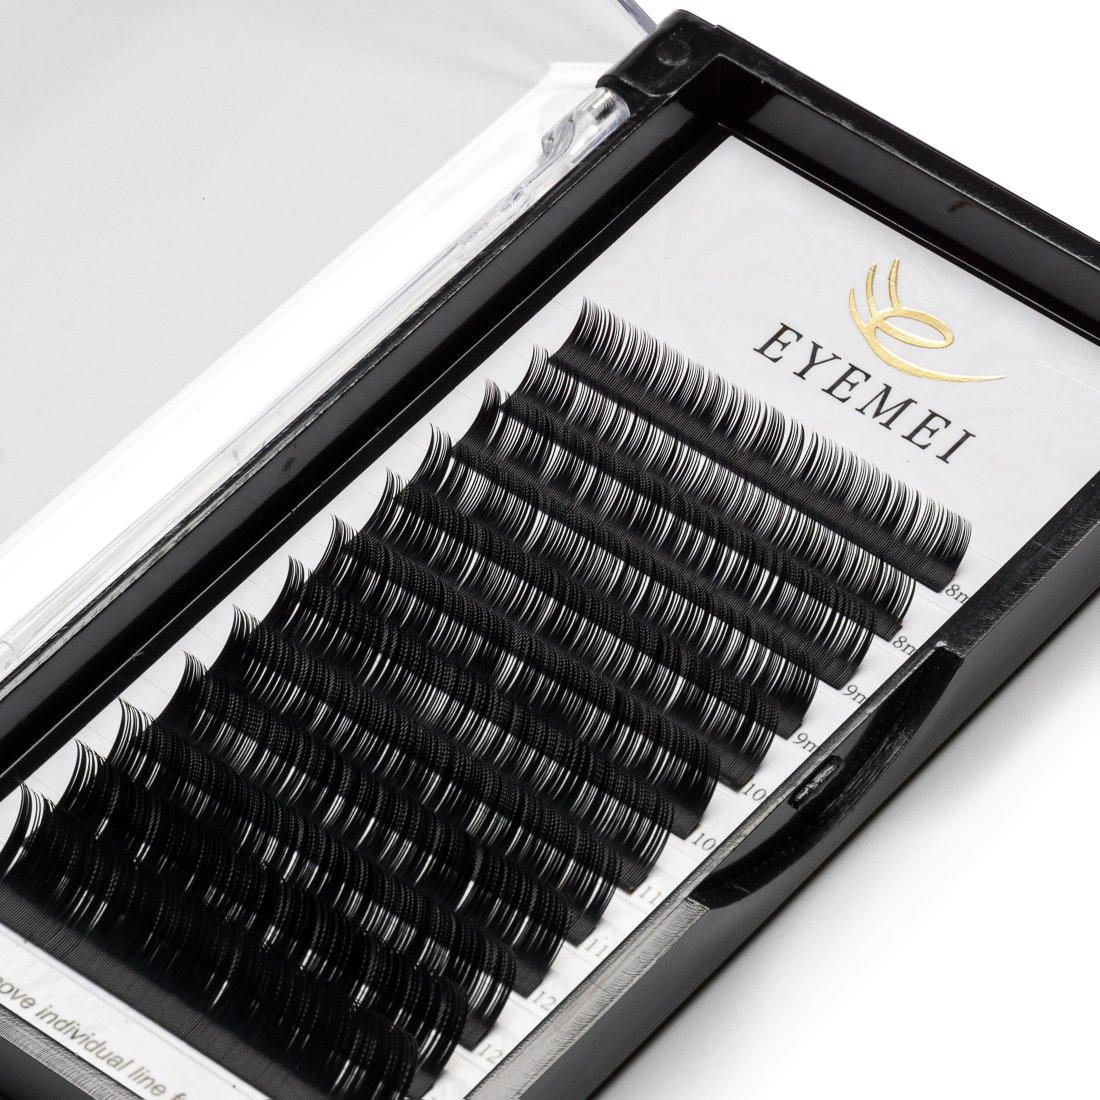 6c8a88f2a9d Eyelash Extensions 0.20mm C Curl 9-15 Mixed Eyelash Extension lash extension,  Lashes